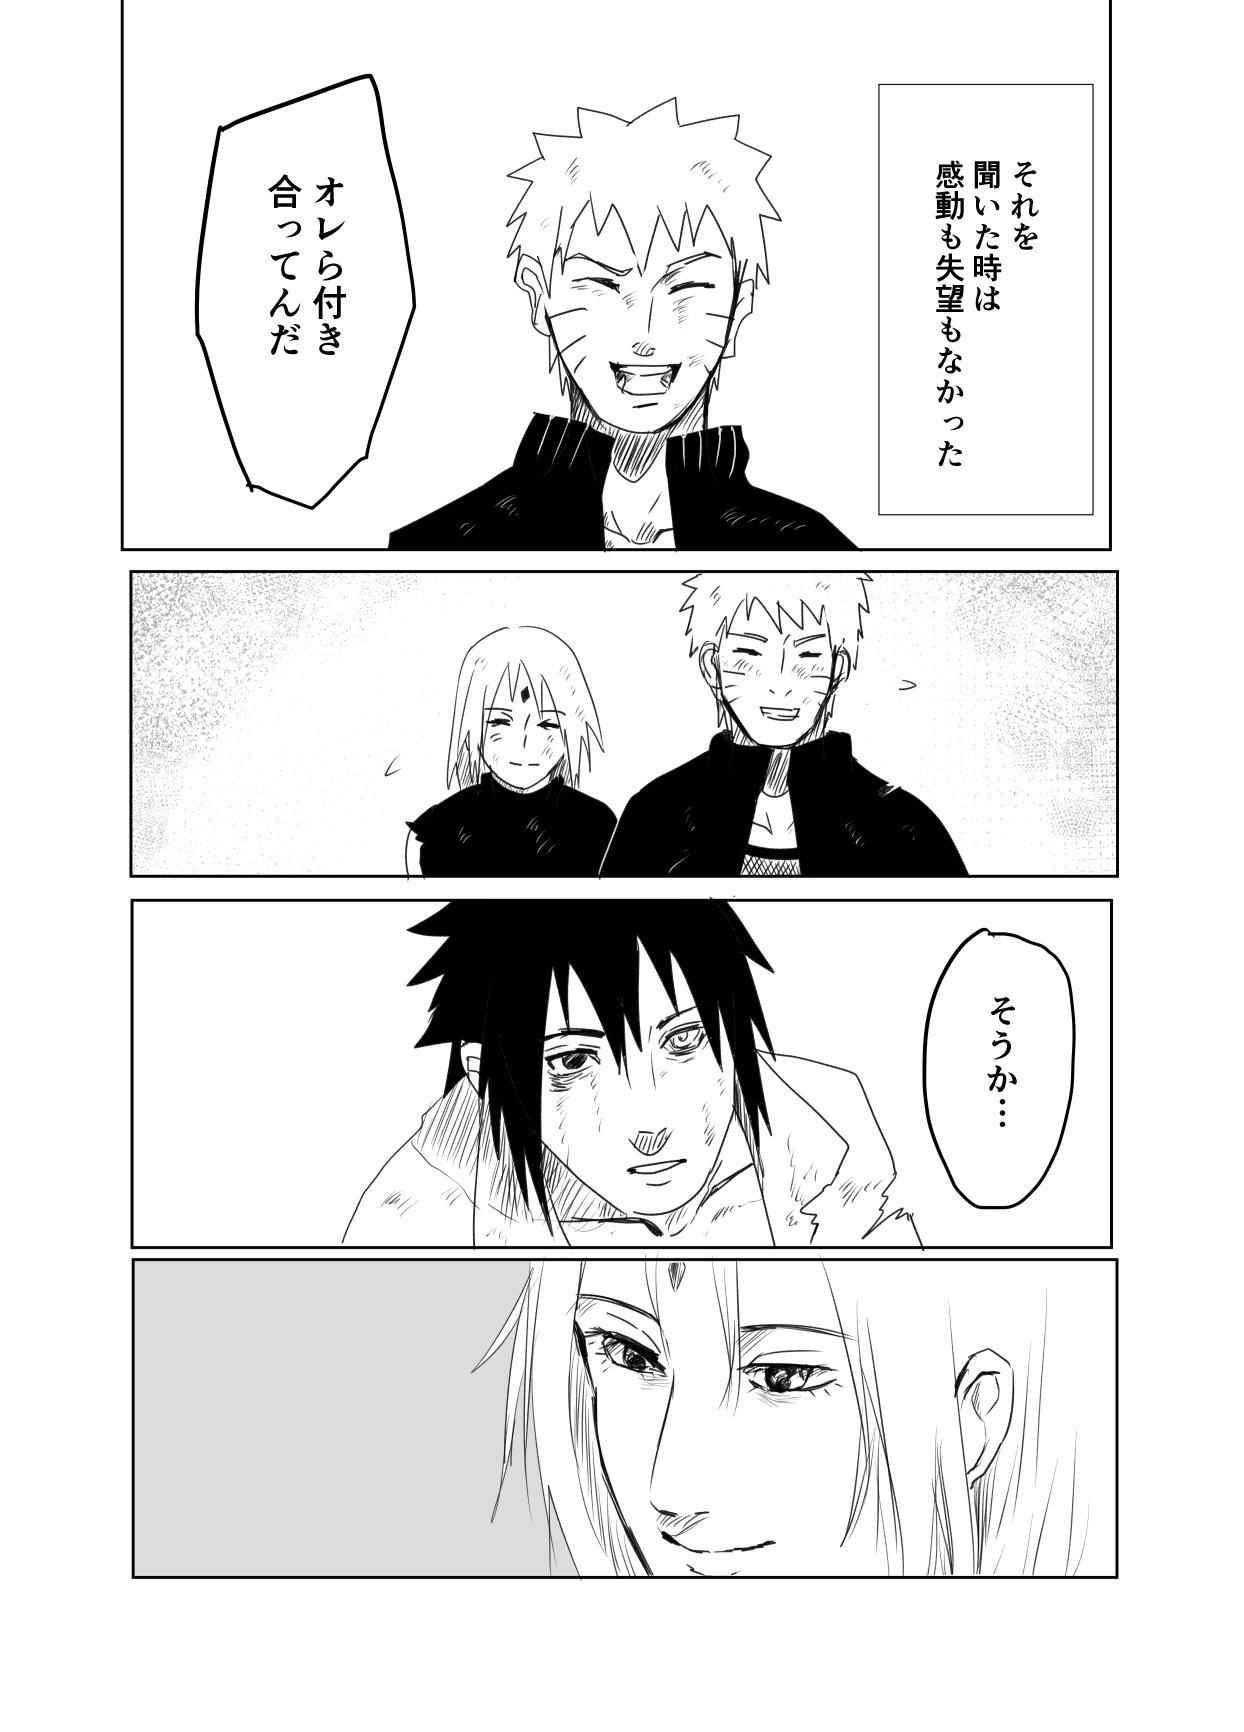 嘘告白漫画 4